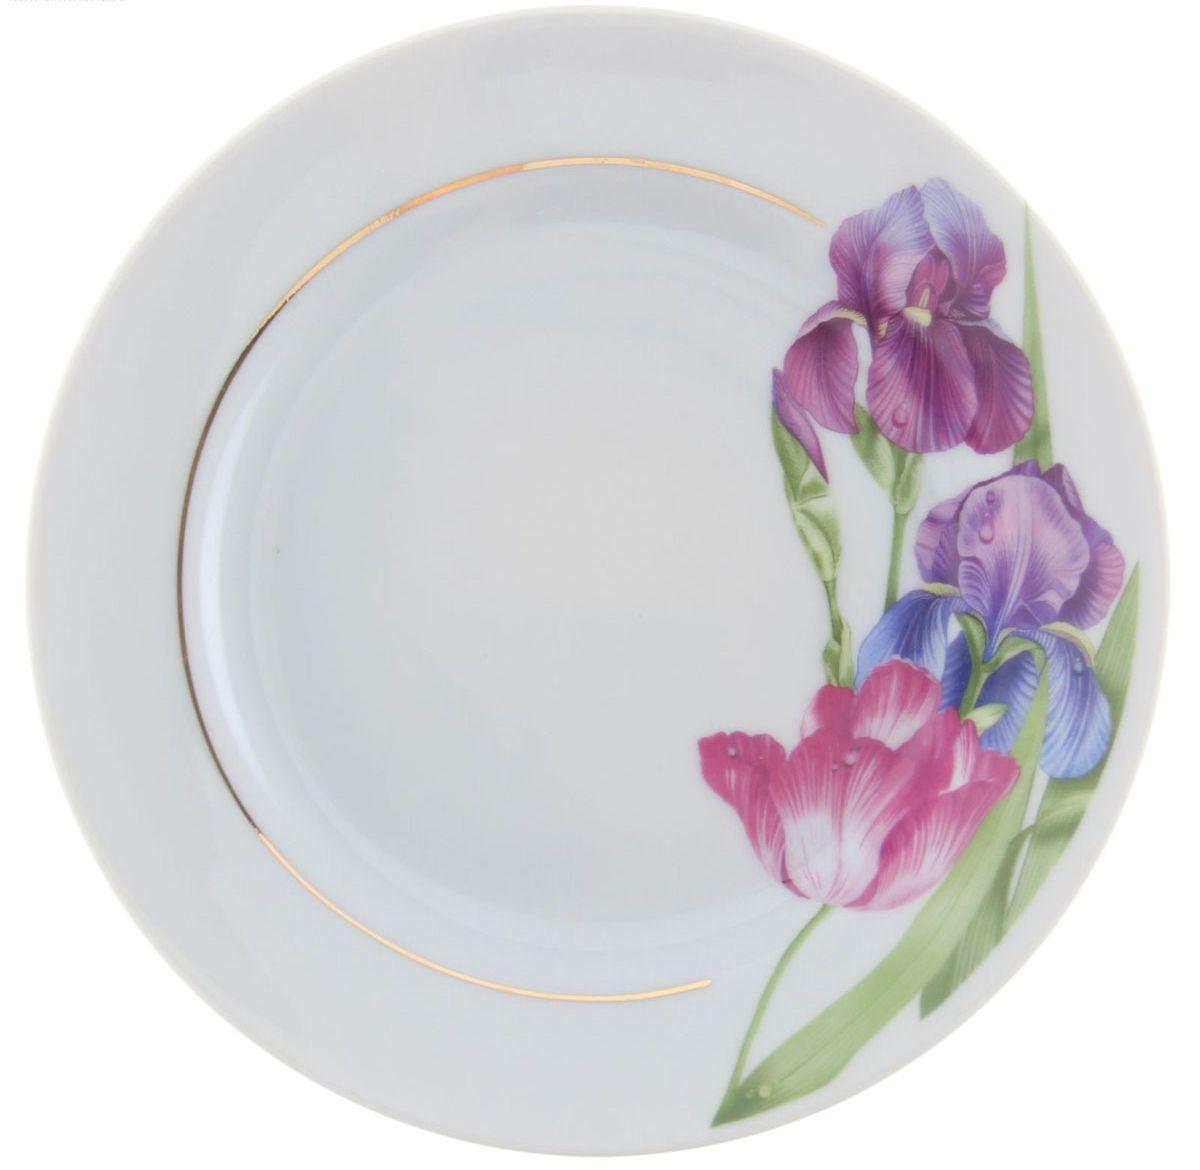 Тарелка мелкая Идиллия. Английская классика, диаметр 17 см1303947Мелкая тарелка Идиллия. Английская классика выполнена из высококачественного фарфора и украшена ярким рисунком. Она прекрасно впишется в интерьер вашей кухни и станет достойным дополнением к кухонному инвентарю. Тарелка Идиллия. Английская классика подчеркнет прекрасный вкус хозяйки и станет отличным подарком. Диаметр тарелки: 17 см.